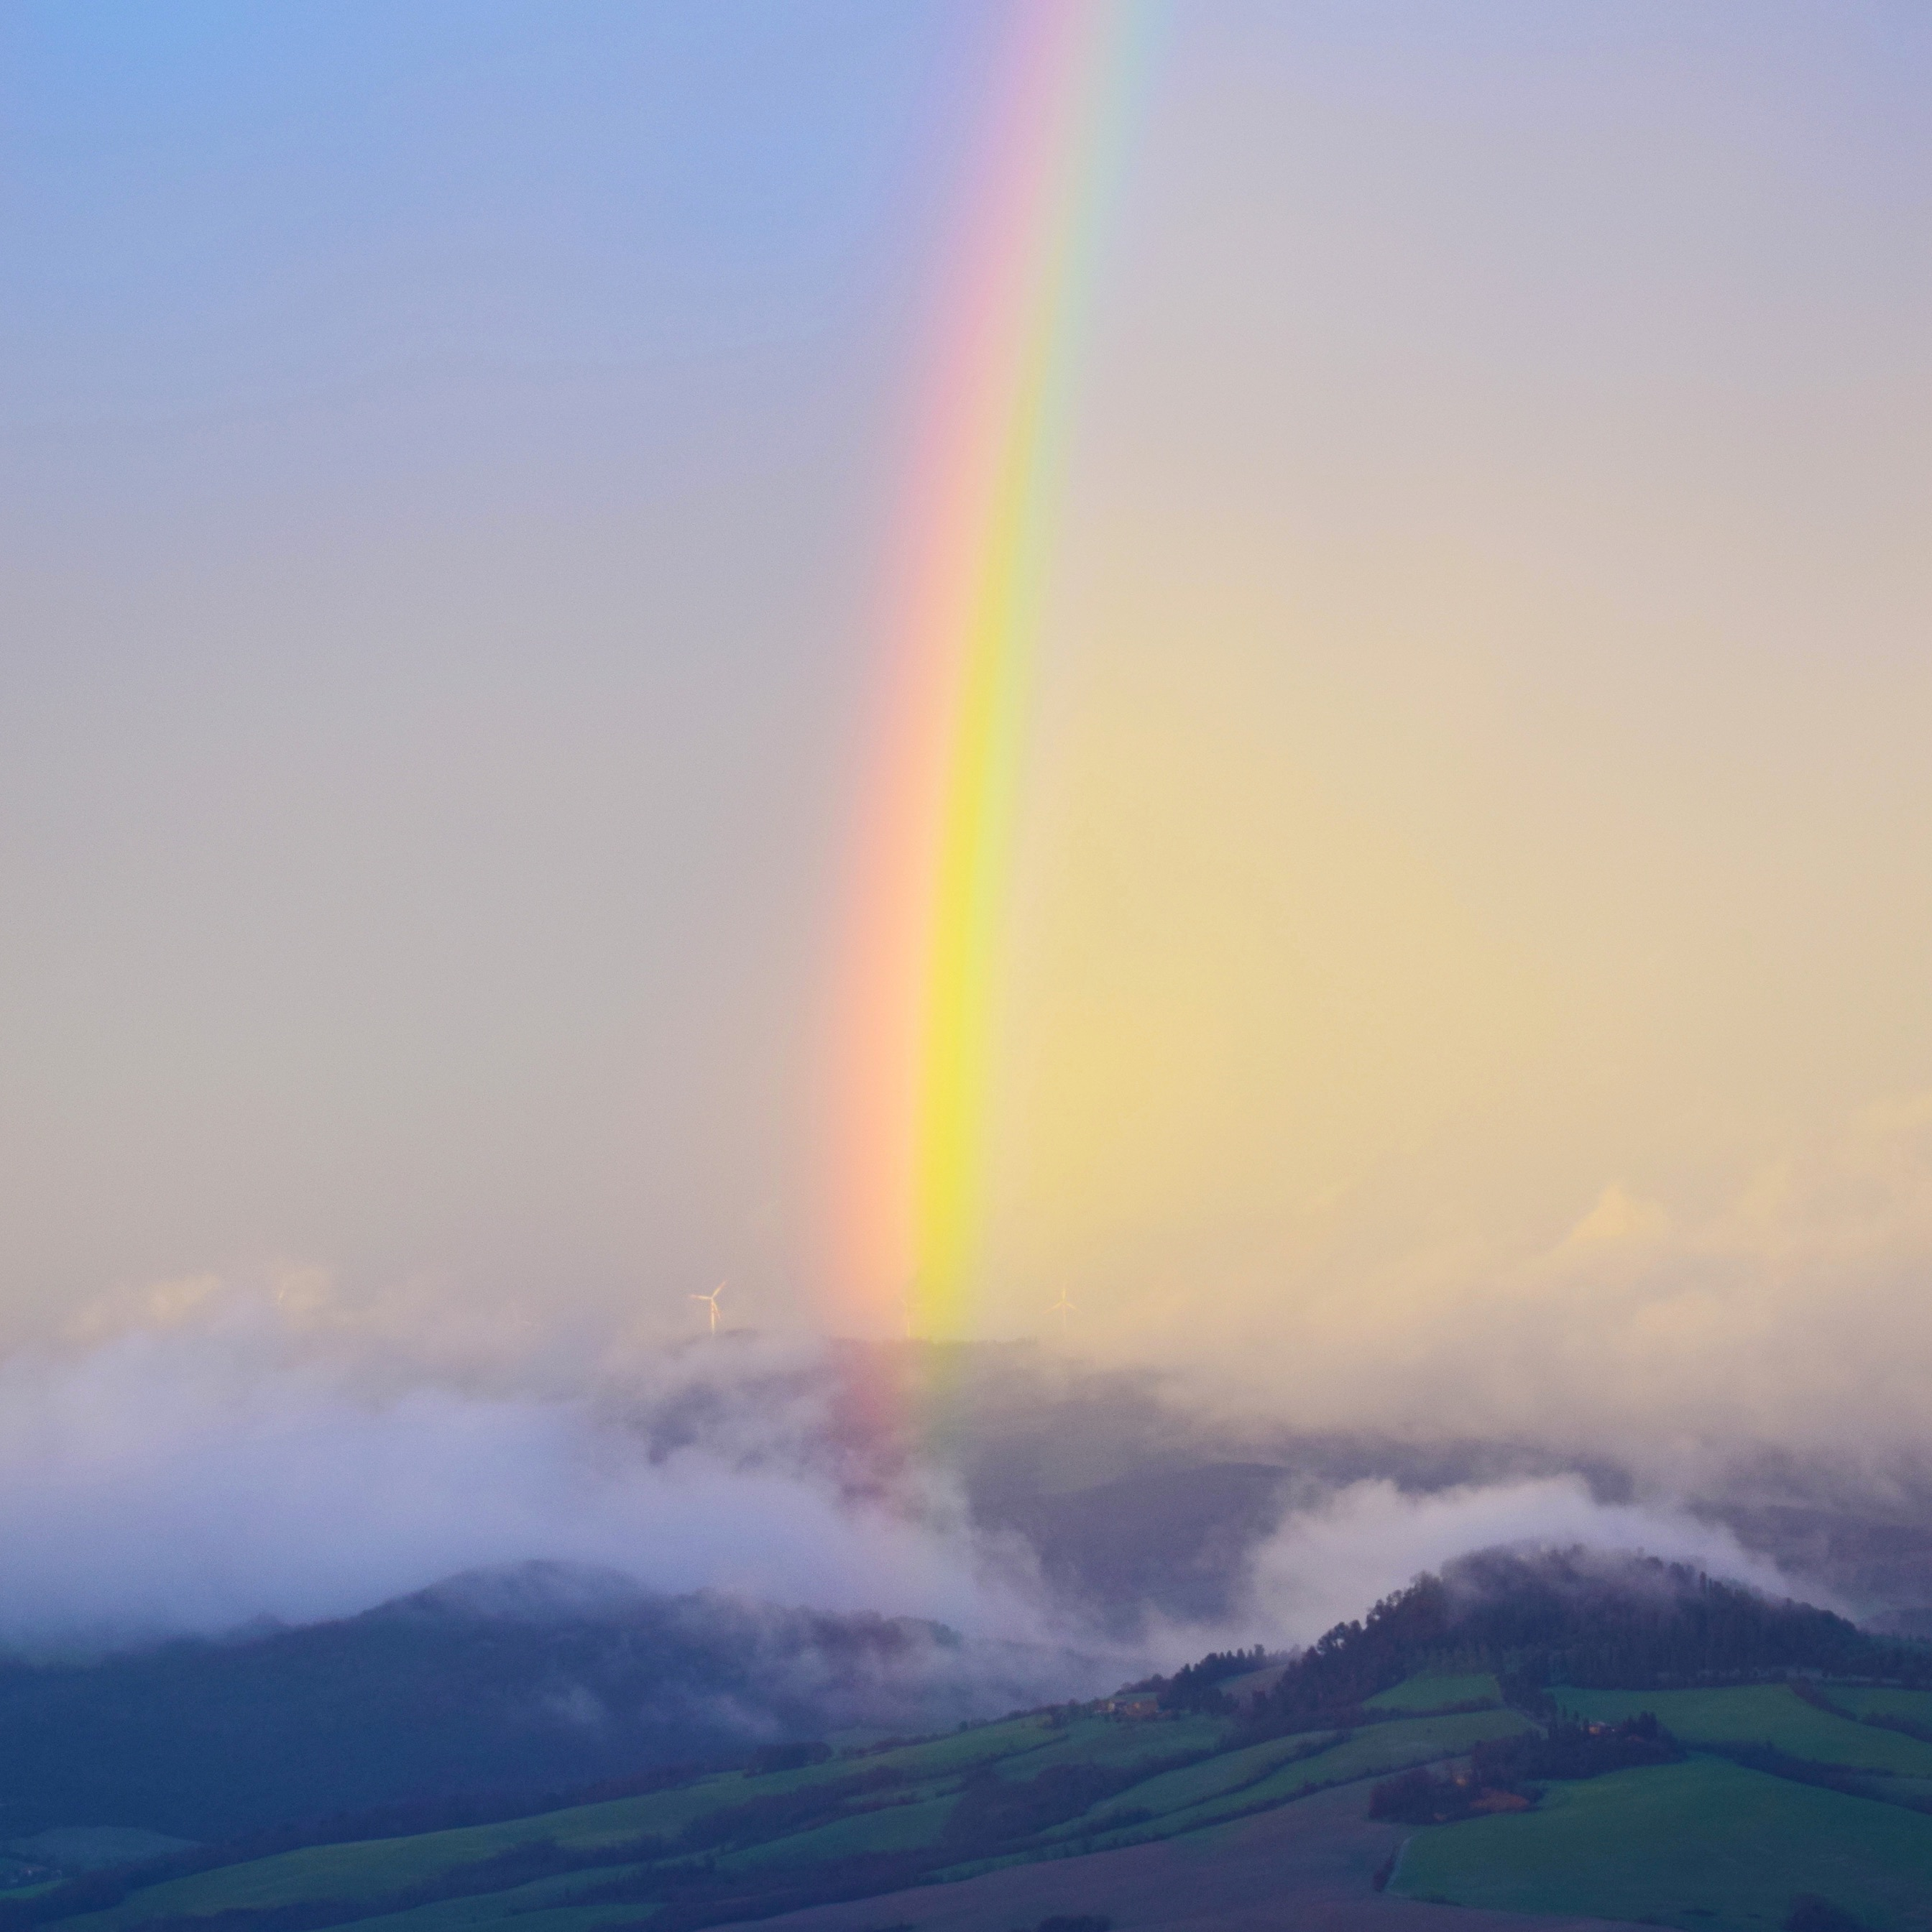 Regenbogentapete iPhone   Regenbogen iPhone Wallpaper   21x21 ...